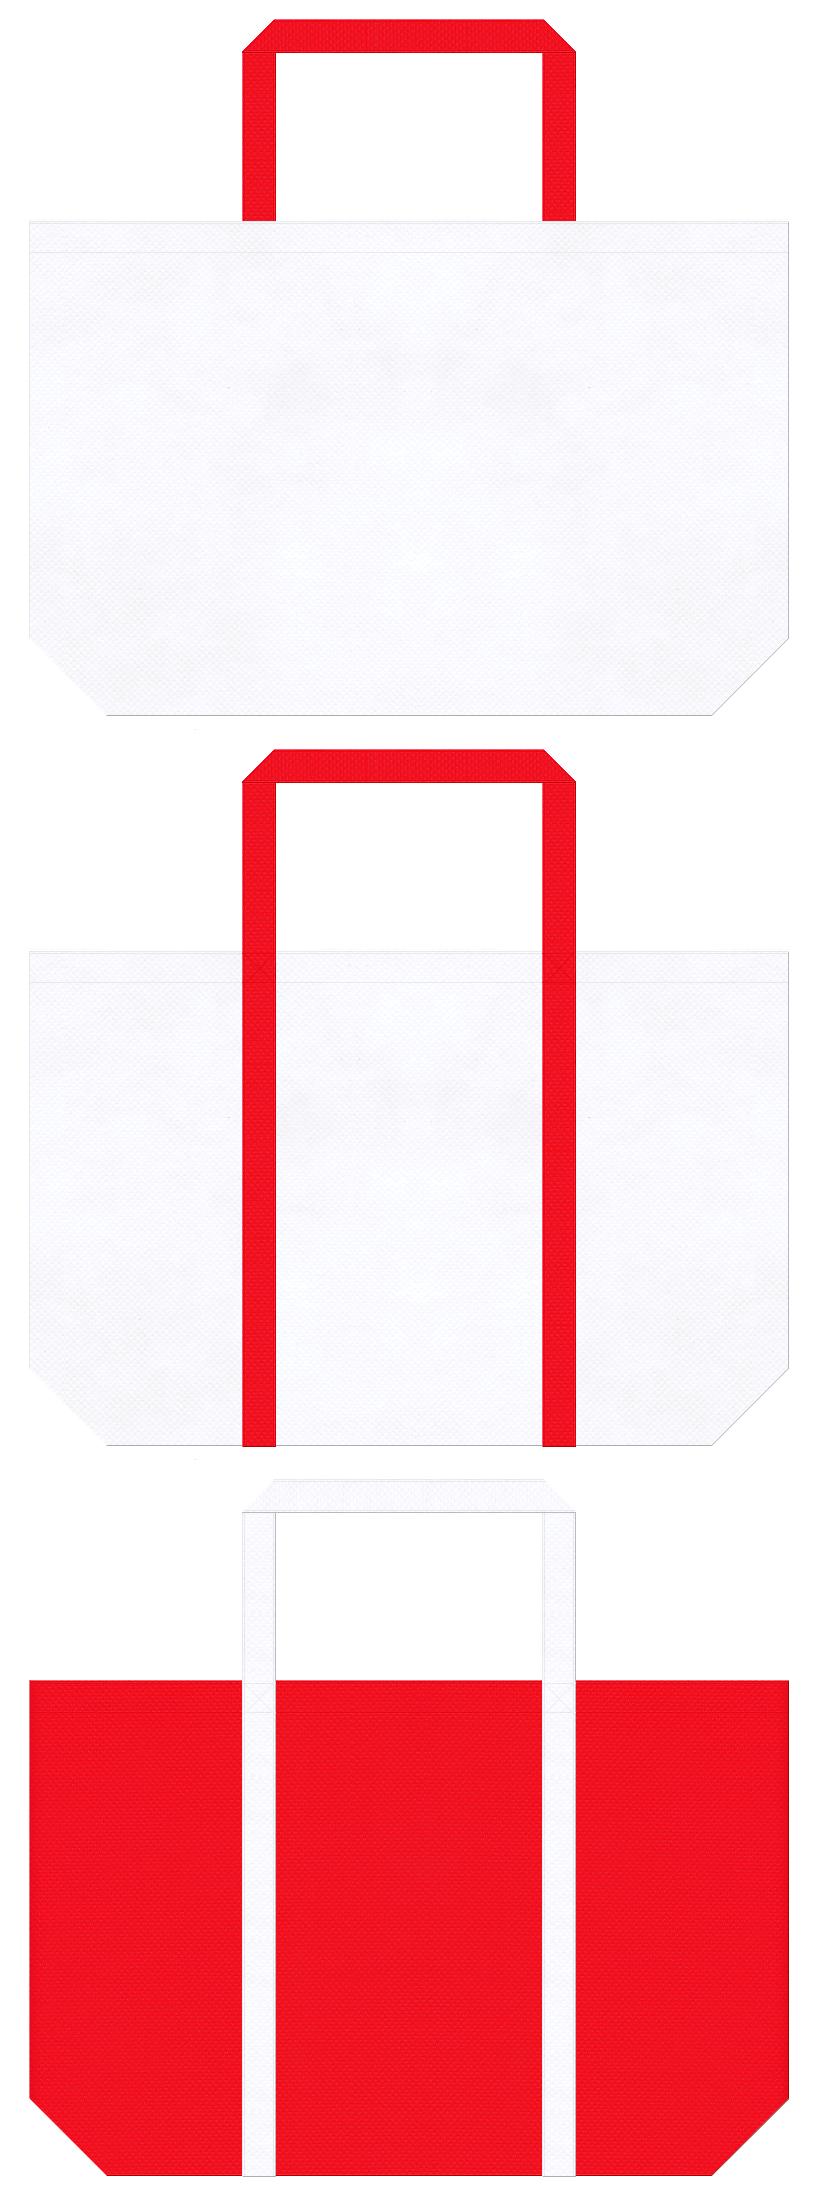 医学部・看護学部・学校・学園・オープンキャンパス・救急用品・レスキュー隊・消防団・献血・医療施設・病院・医療セミナー・婚礼・お誕生日・ショートケーキ・サンタクロース・クリスマス・スポーツイベント・ゲームの展示会用バッグにお奨めの不織布バッグデザイン:白色と赤色のコーデ